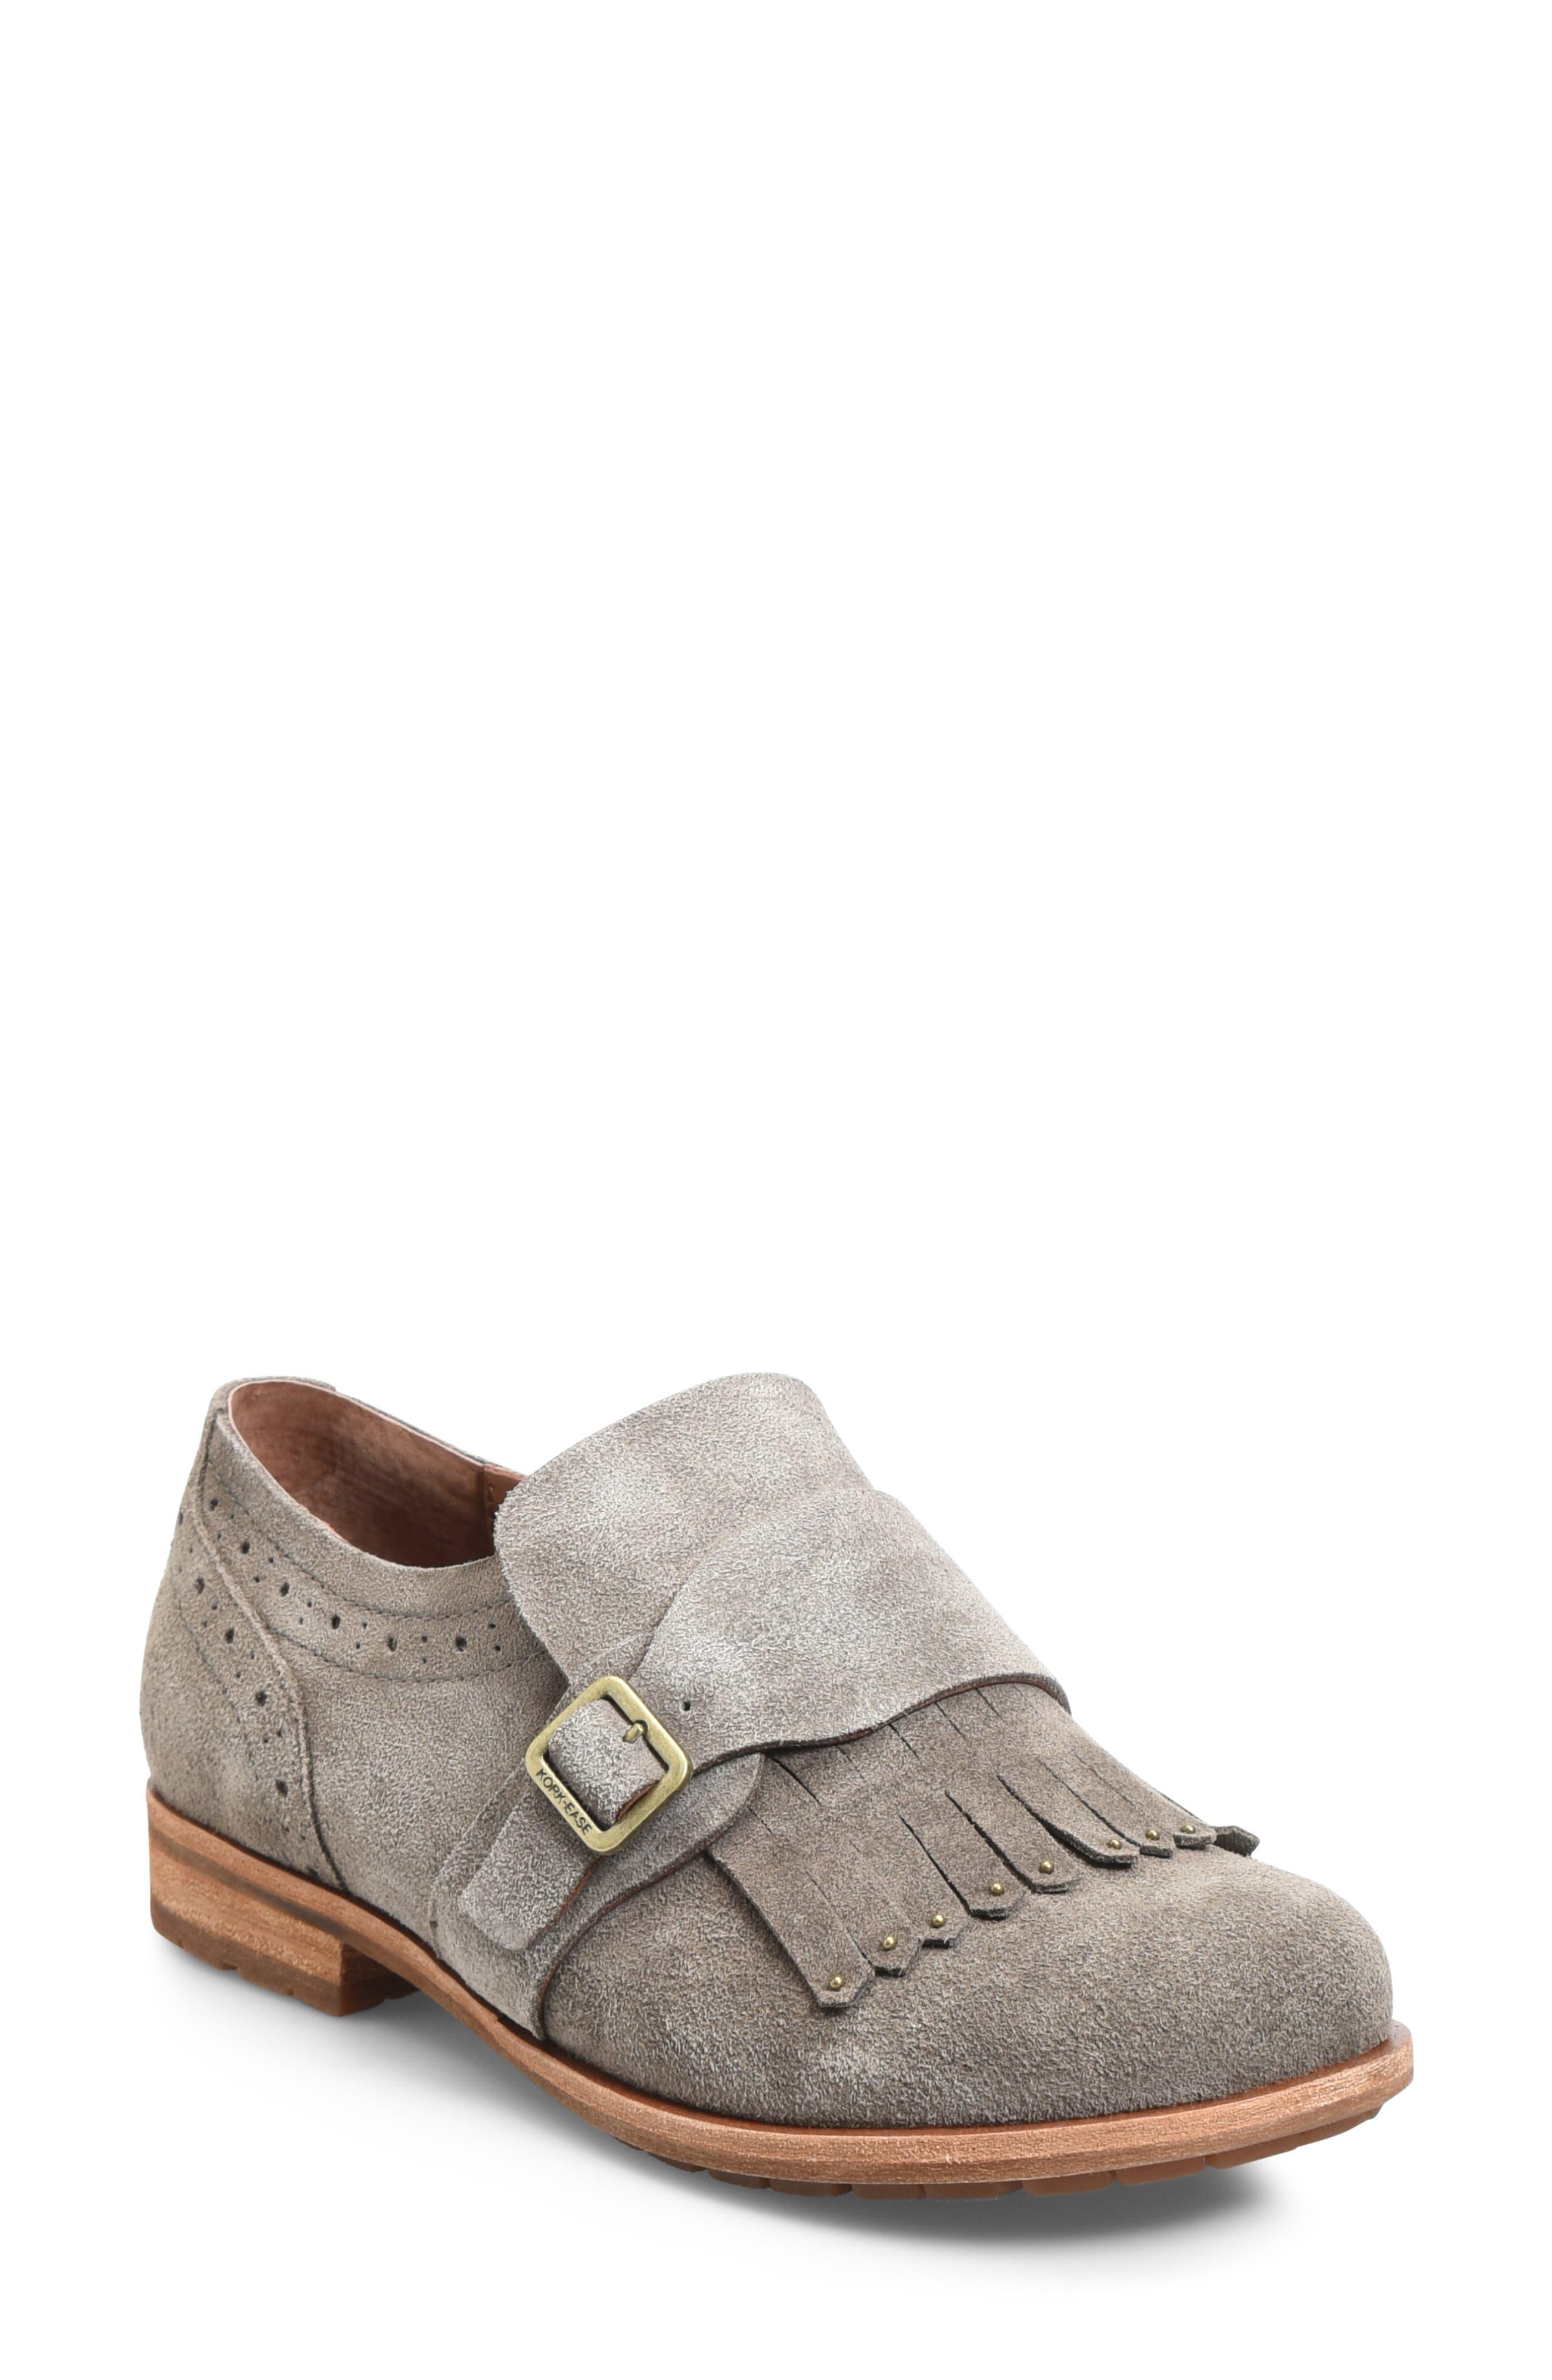 Kork-Ease Bailee Kiltie Monk Strap Shoe, Grey